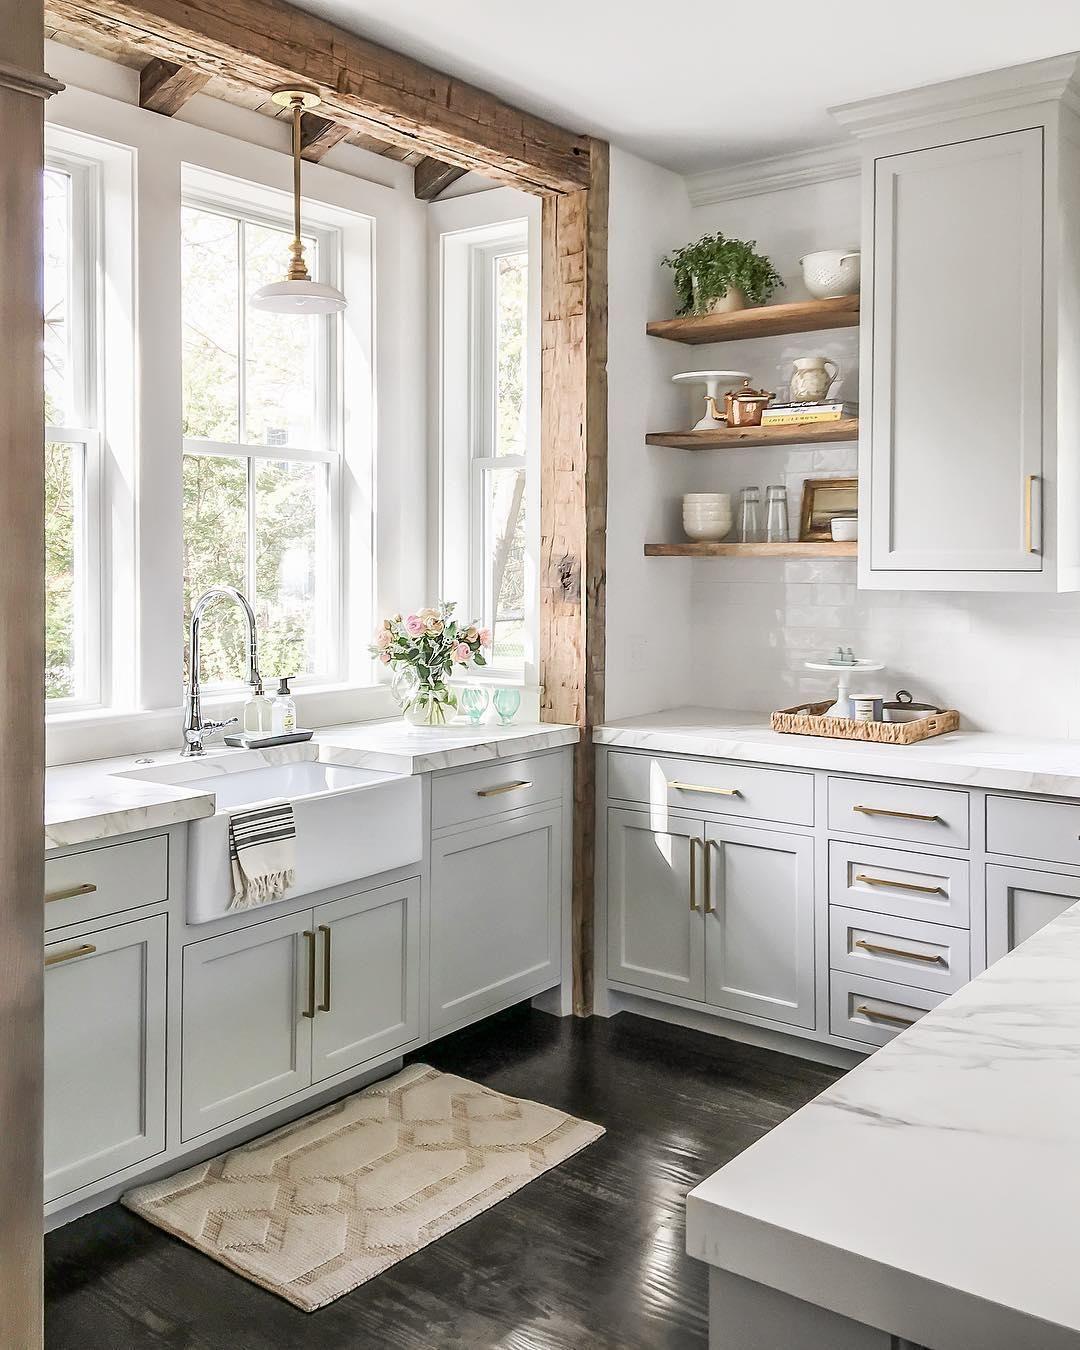 Boston Pendant White Farmhouse Kitchens Farmhouse Kitchen Design Modern Farmhouse Kitchens